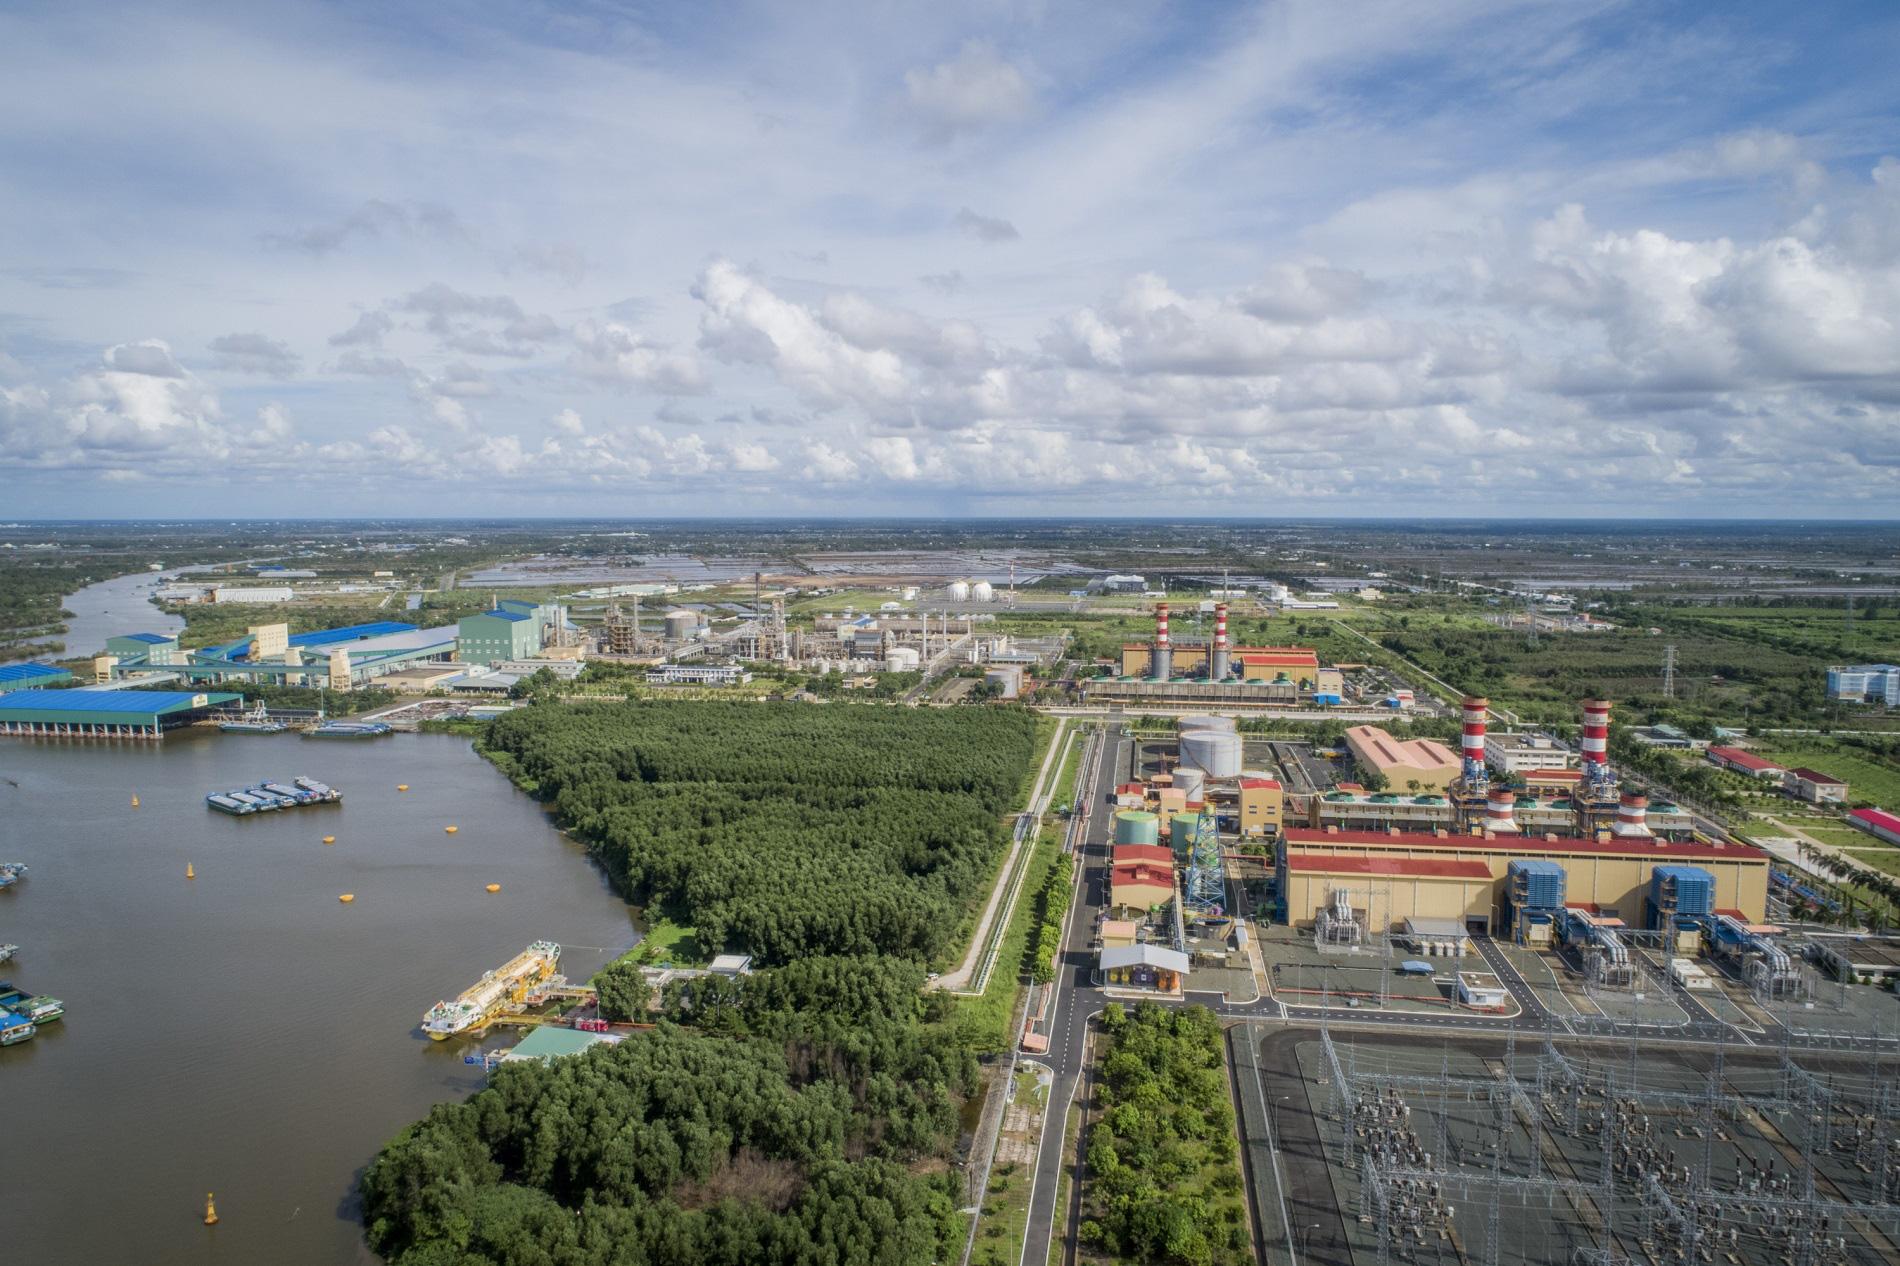 Kỷ niệm 45 năm Ngày thành lập Tập đoàn Dầu khí Quốc gia Việt Nam: Những mốc son trên chặng đường phát triển - Ảnh 7.